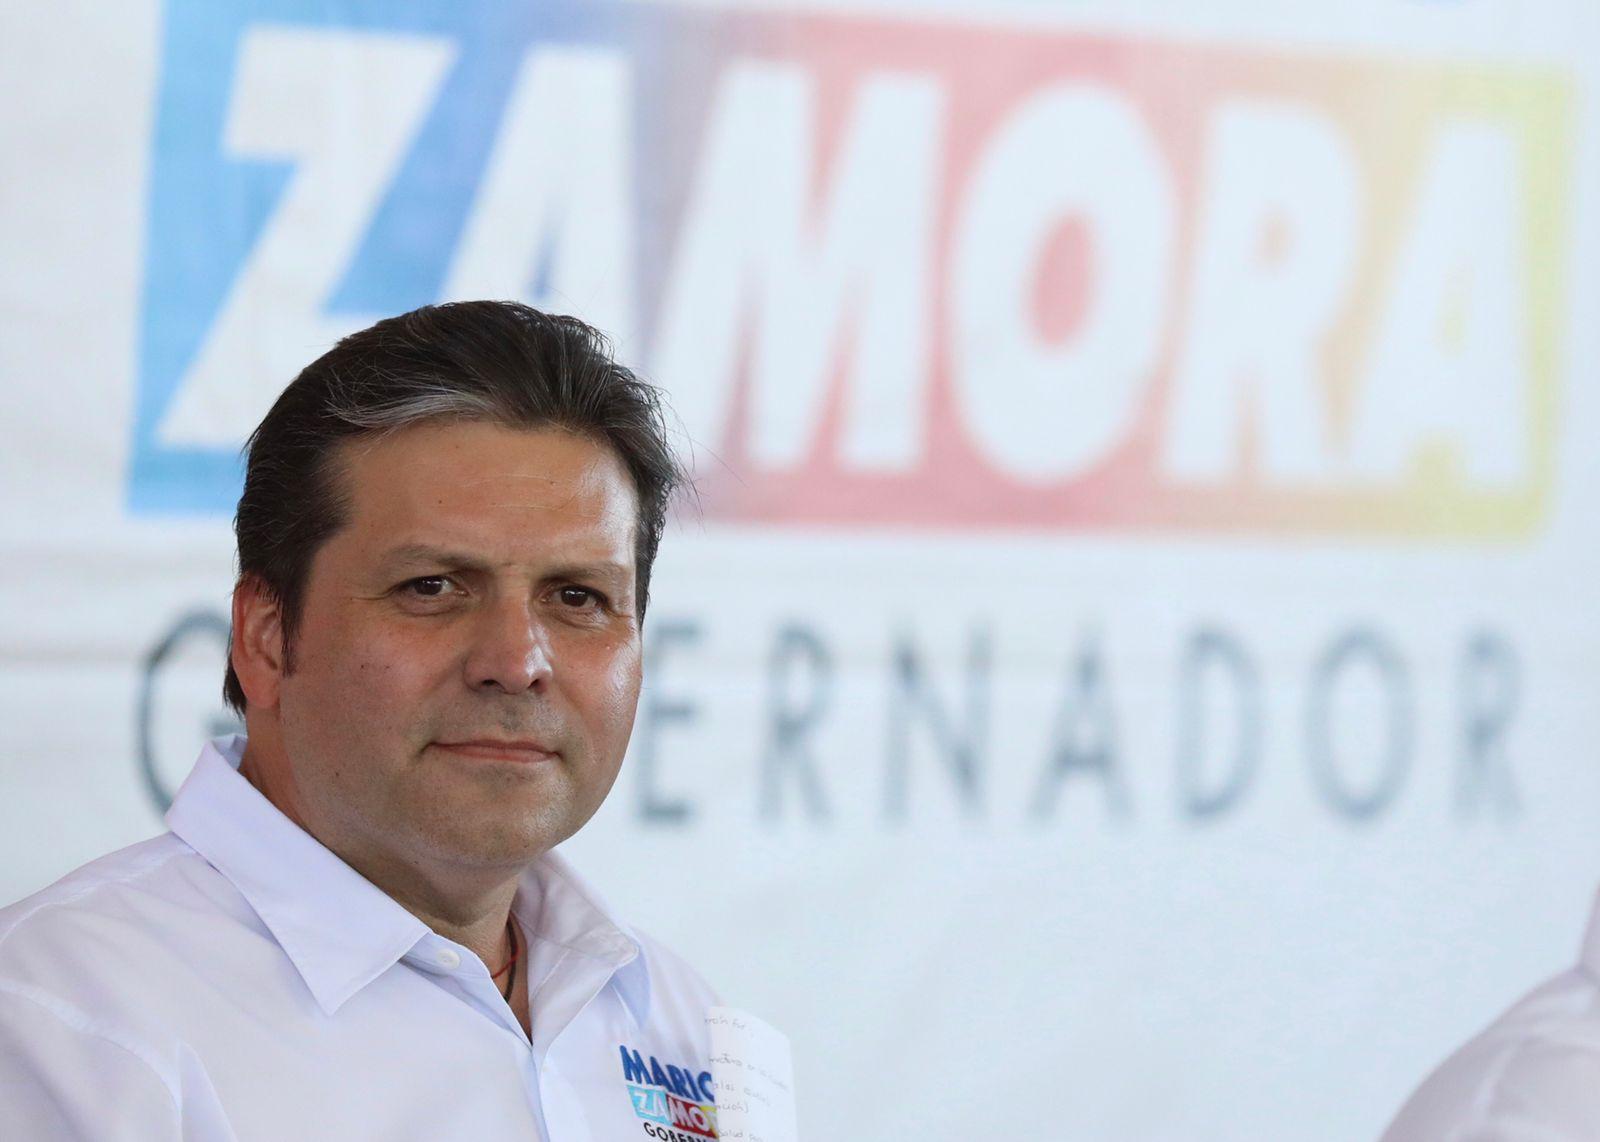 CON PROPUESTAS Y MOSTRANDO CAPACIDAD, MARIO ZAMORA GANARÁ EL DEBATE